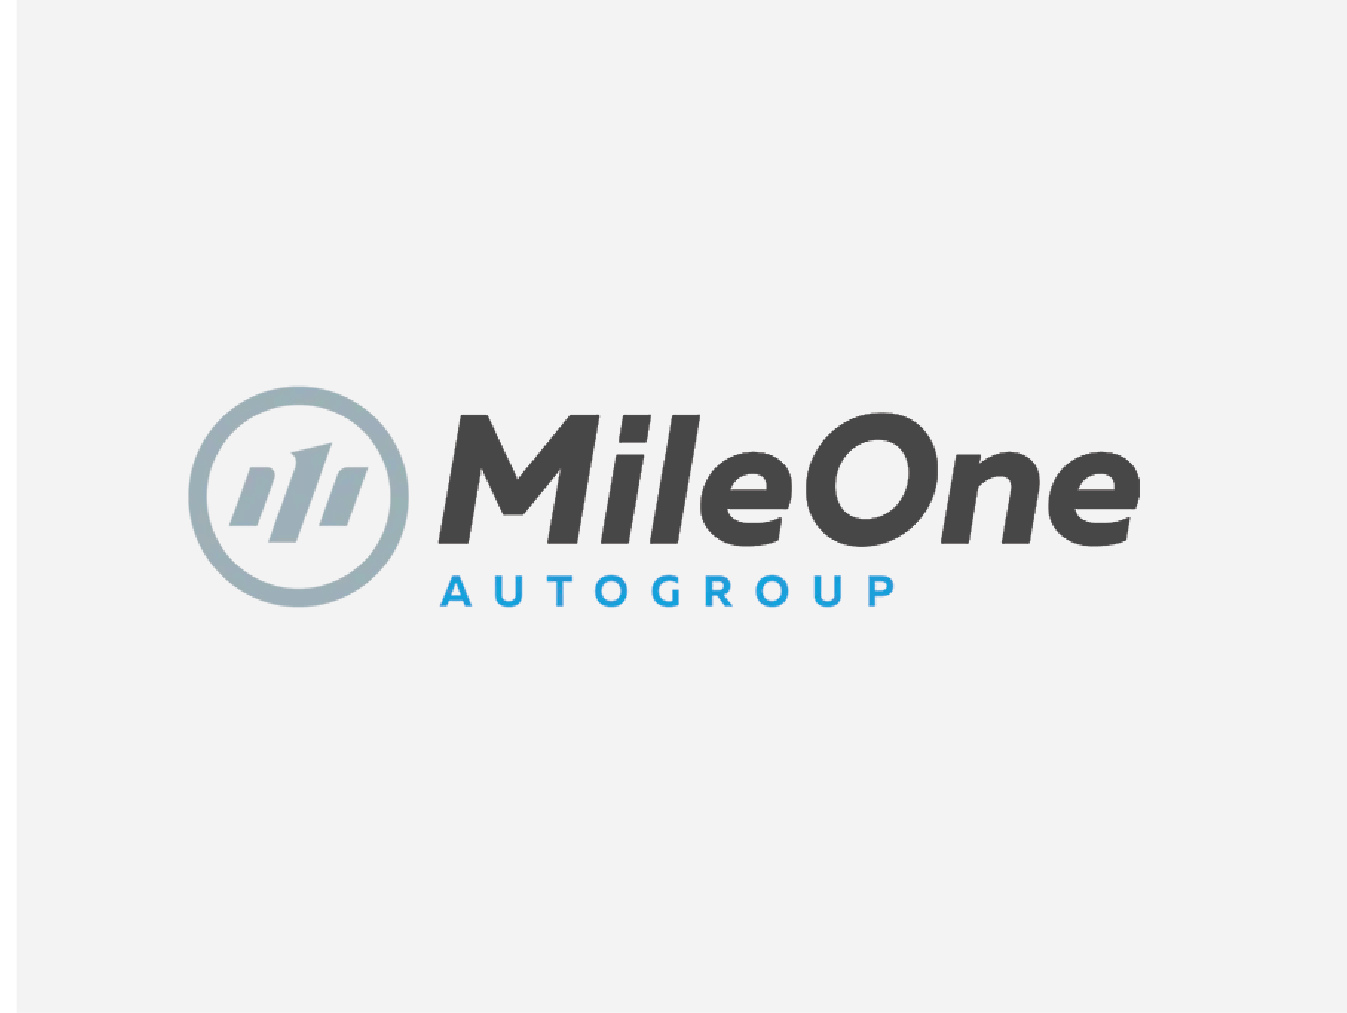 Automotive-Groups-08.png